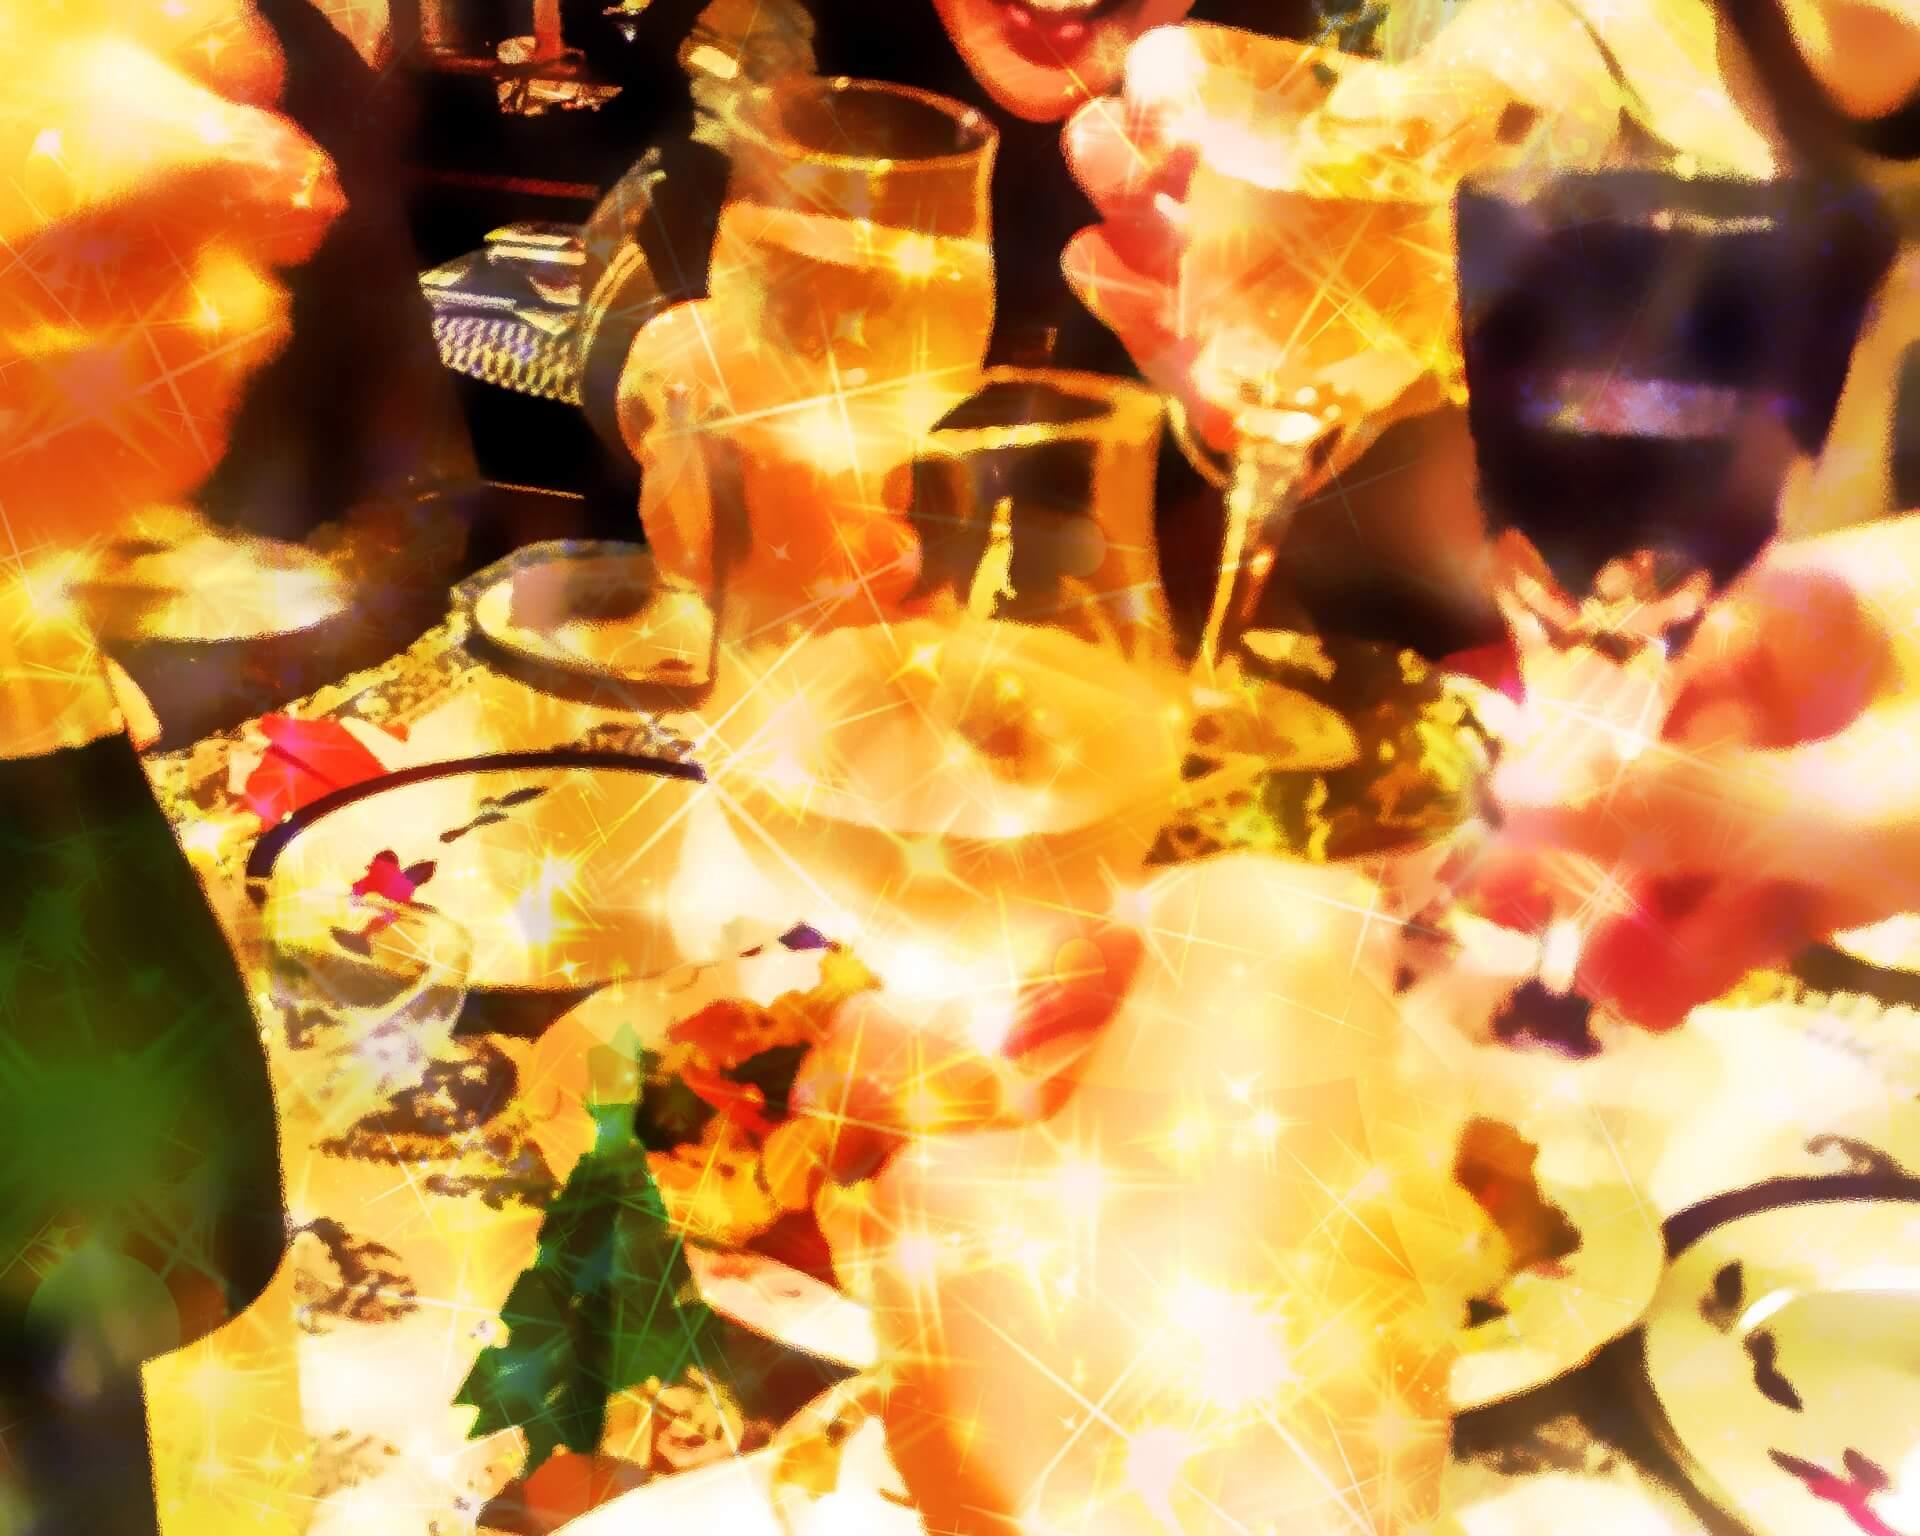 アルコールが並ぶ飲み会の風景